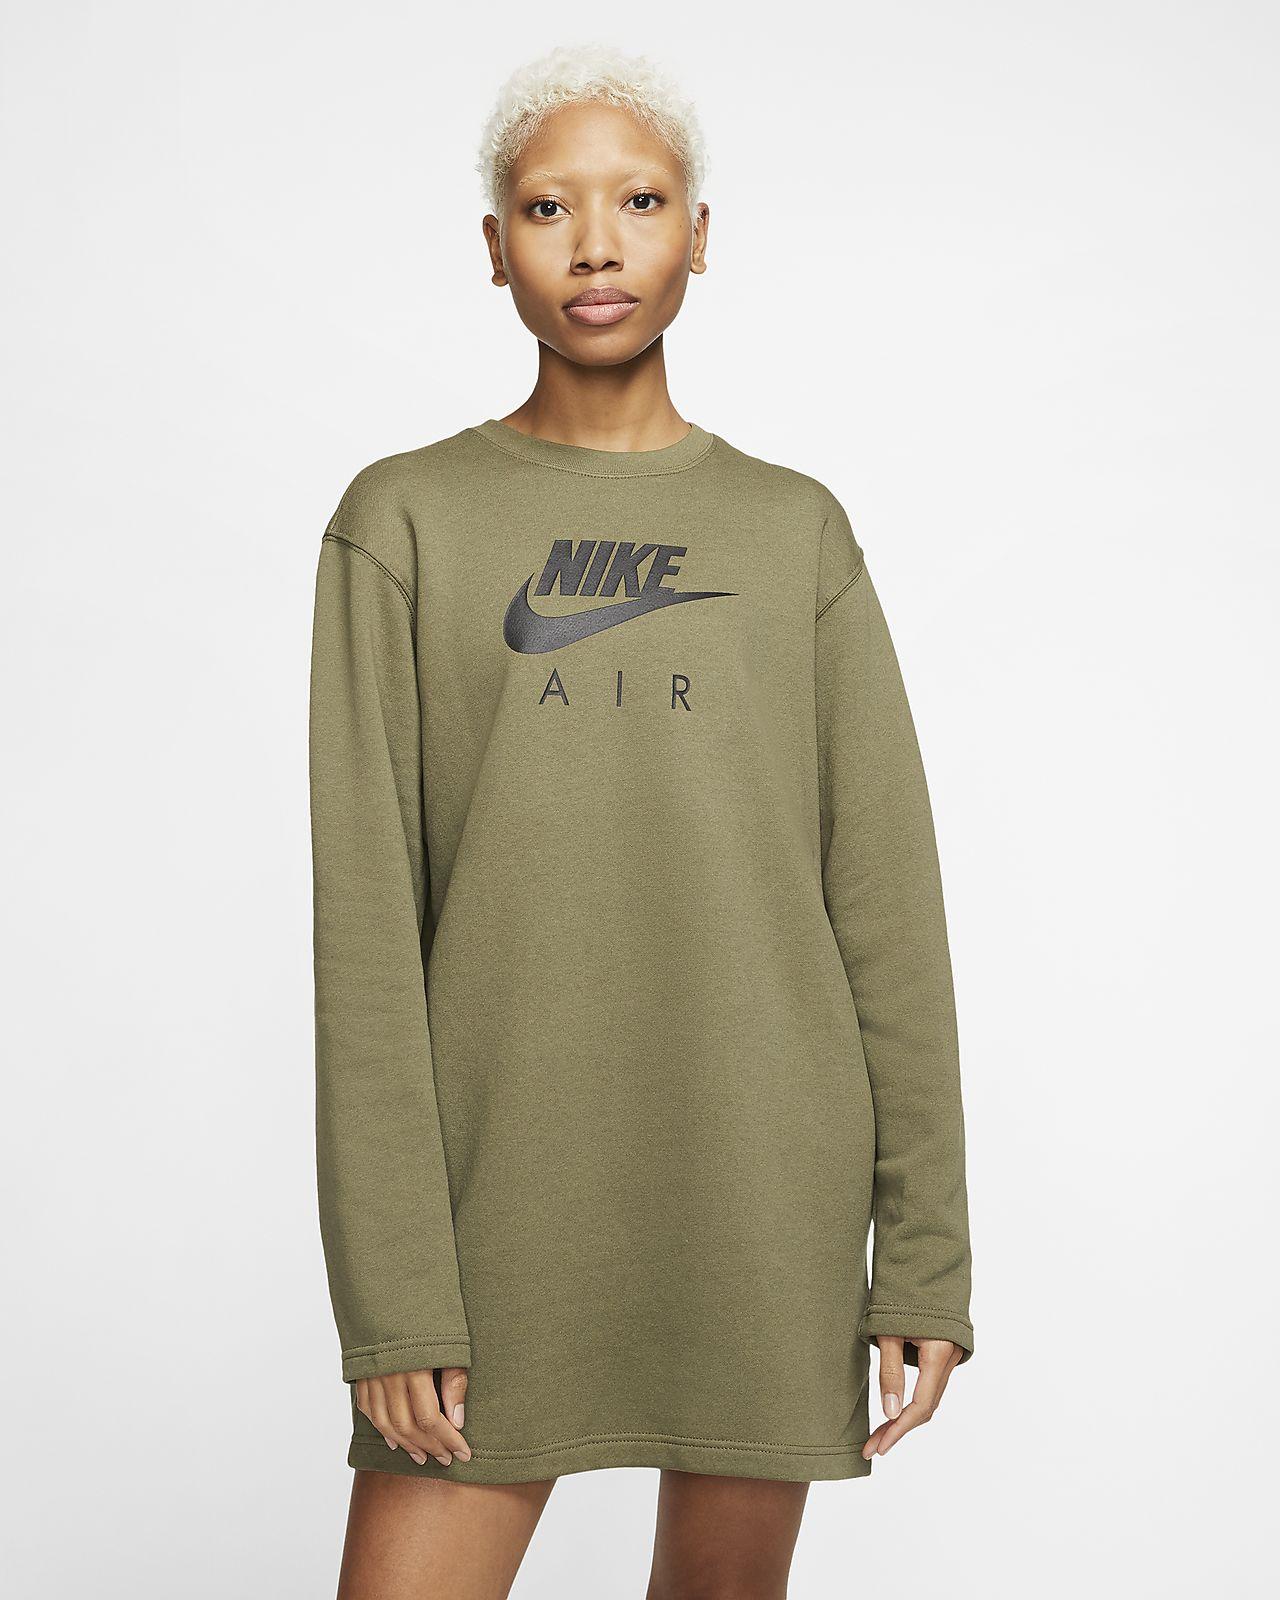 Nike Air fleecekjole til dame